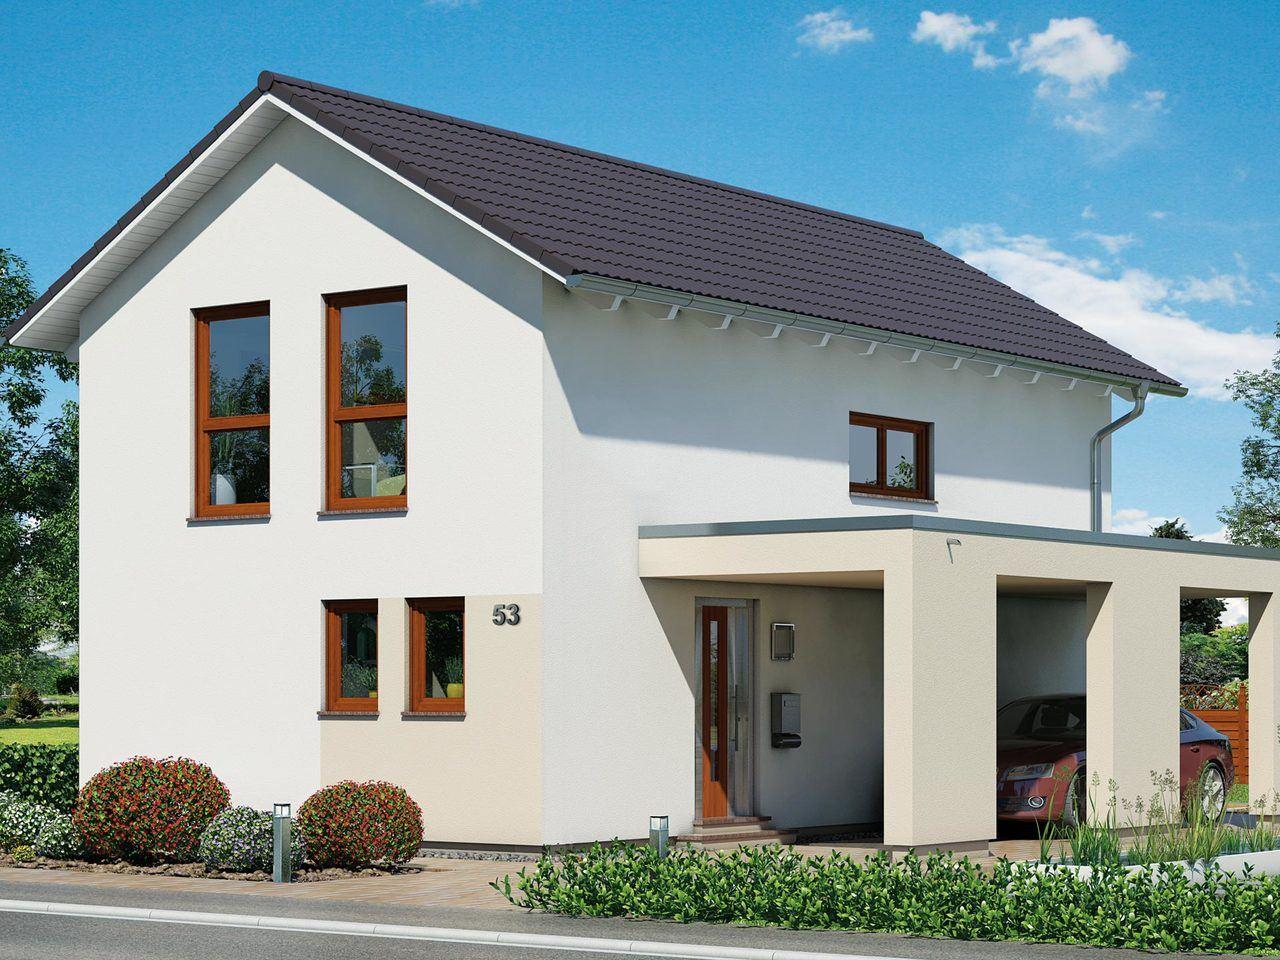 Schwabenhaus Einfamilienhaus Fame 53 Ansicht 2